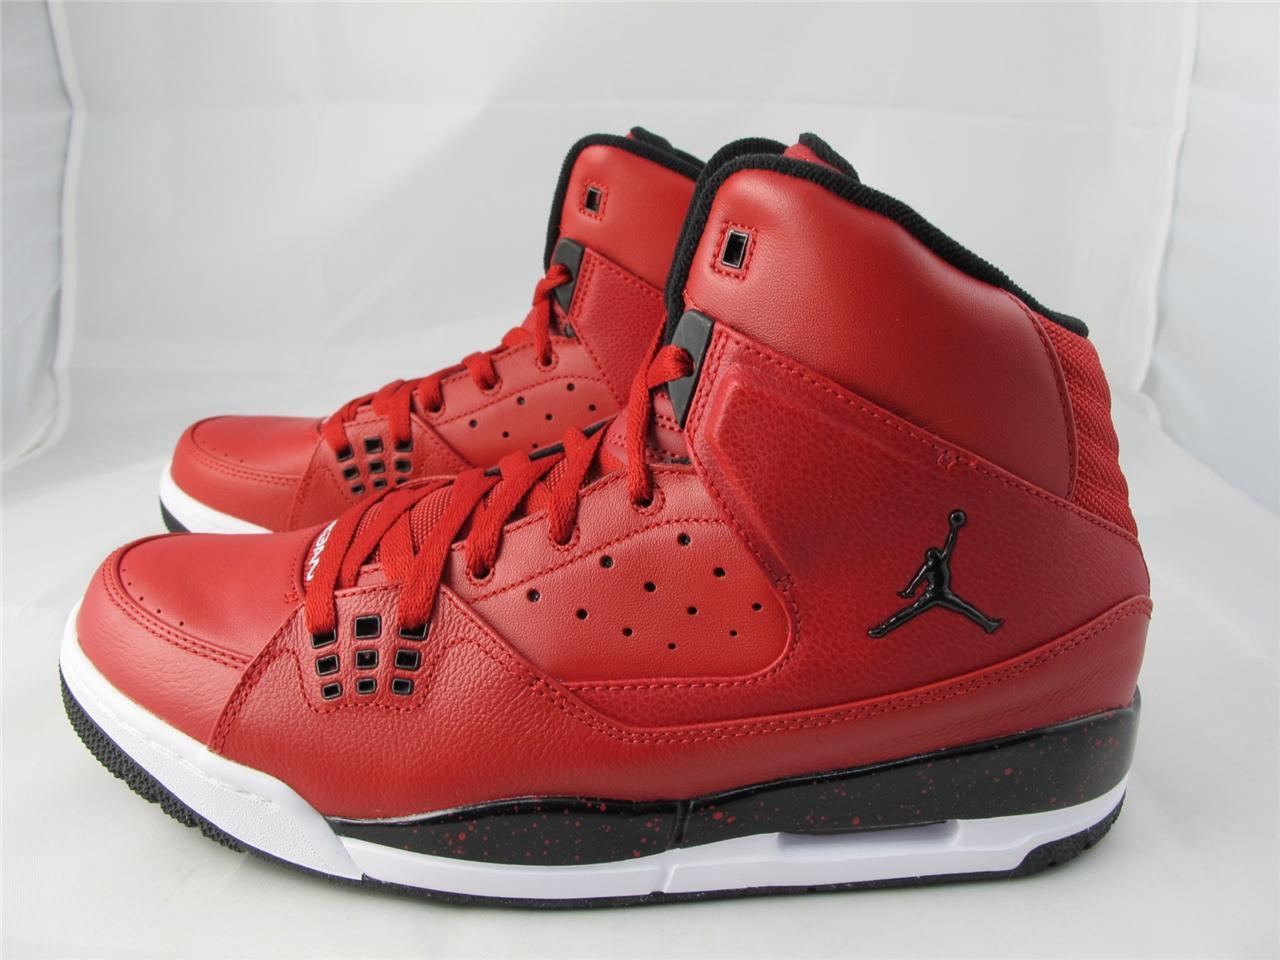 63799c7a6 Jordan Sc 1 Red Jordan Sc-1 Black